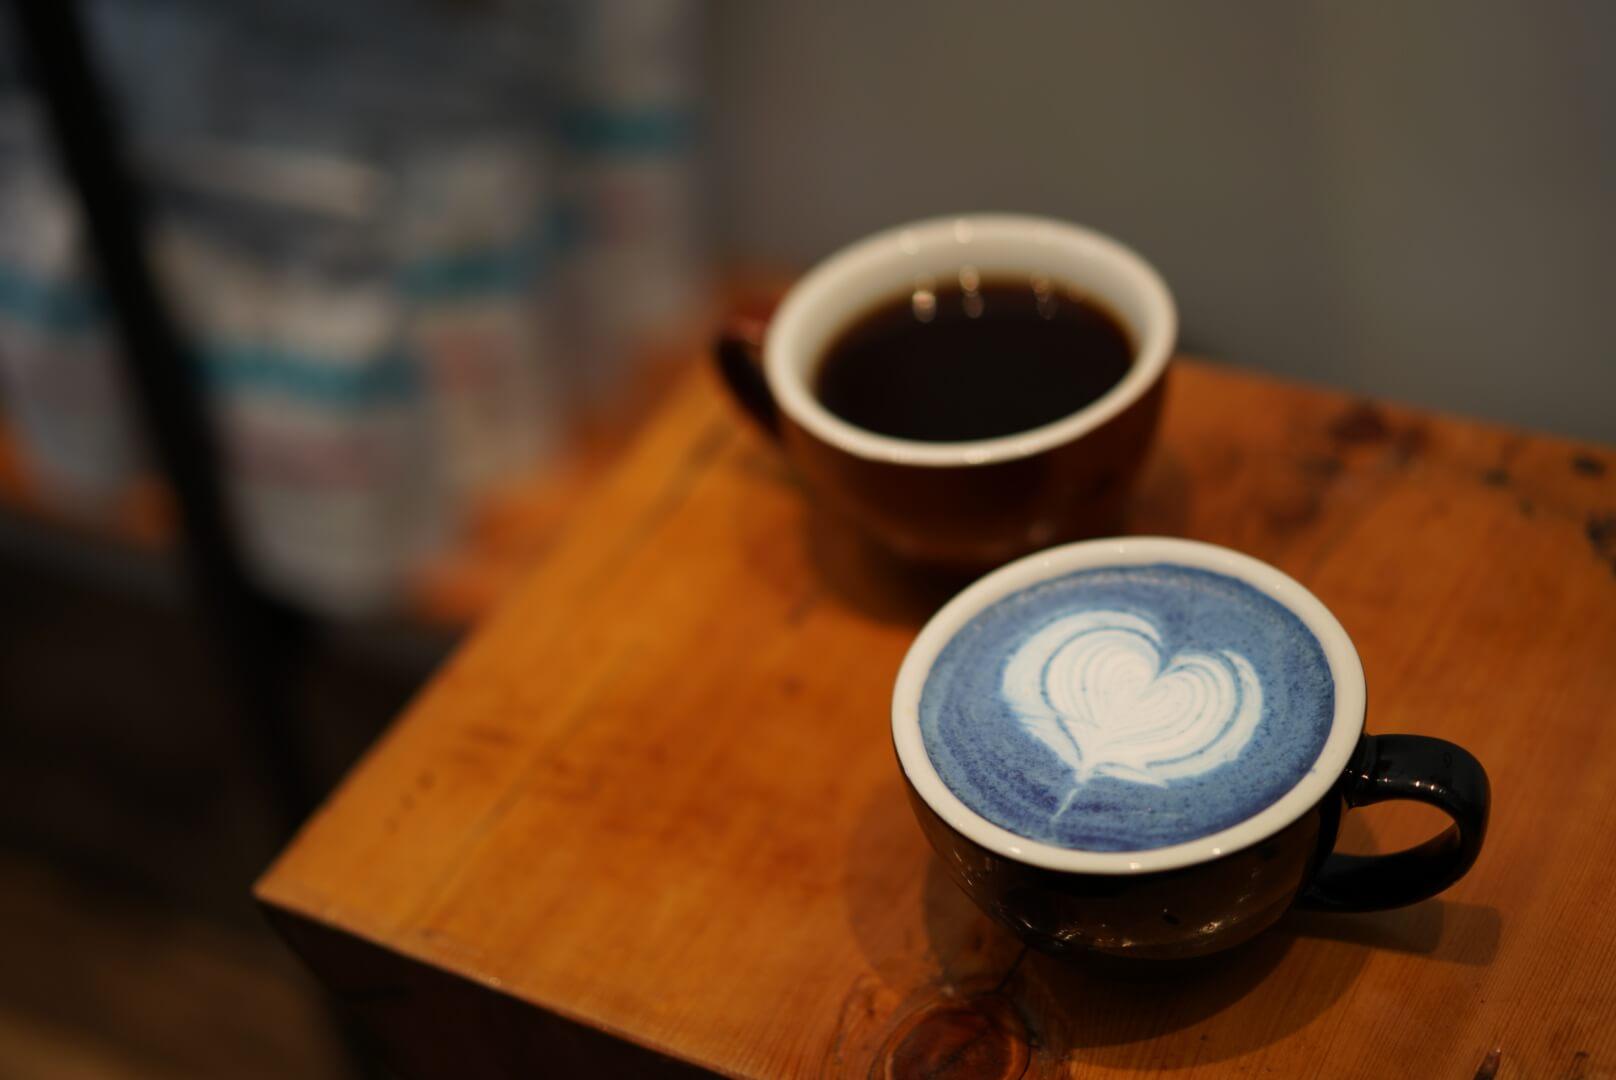 ブルー抹茶ラテとホットコーヒー